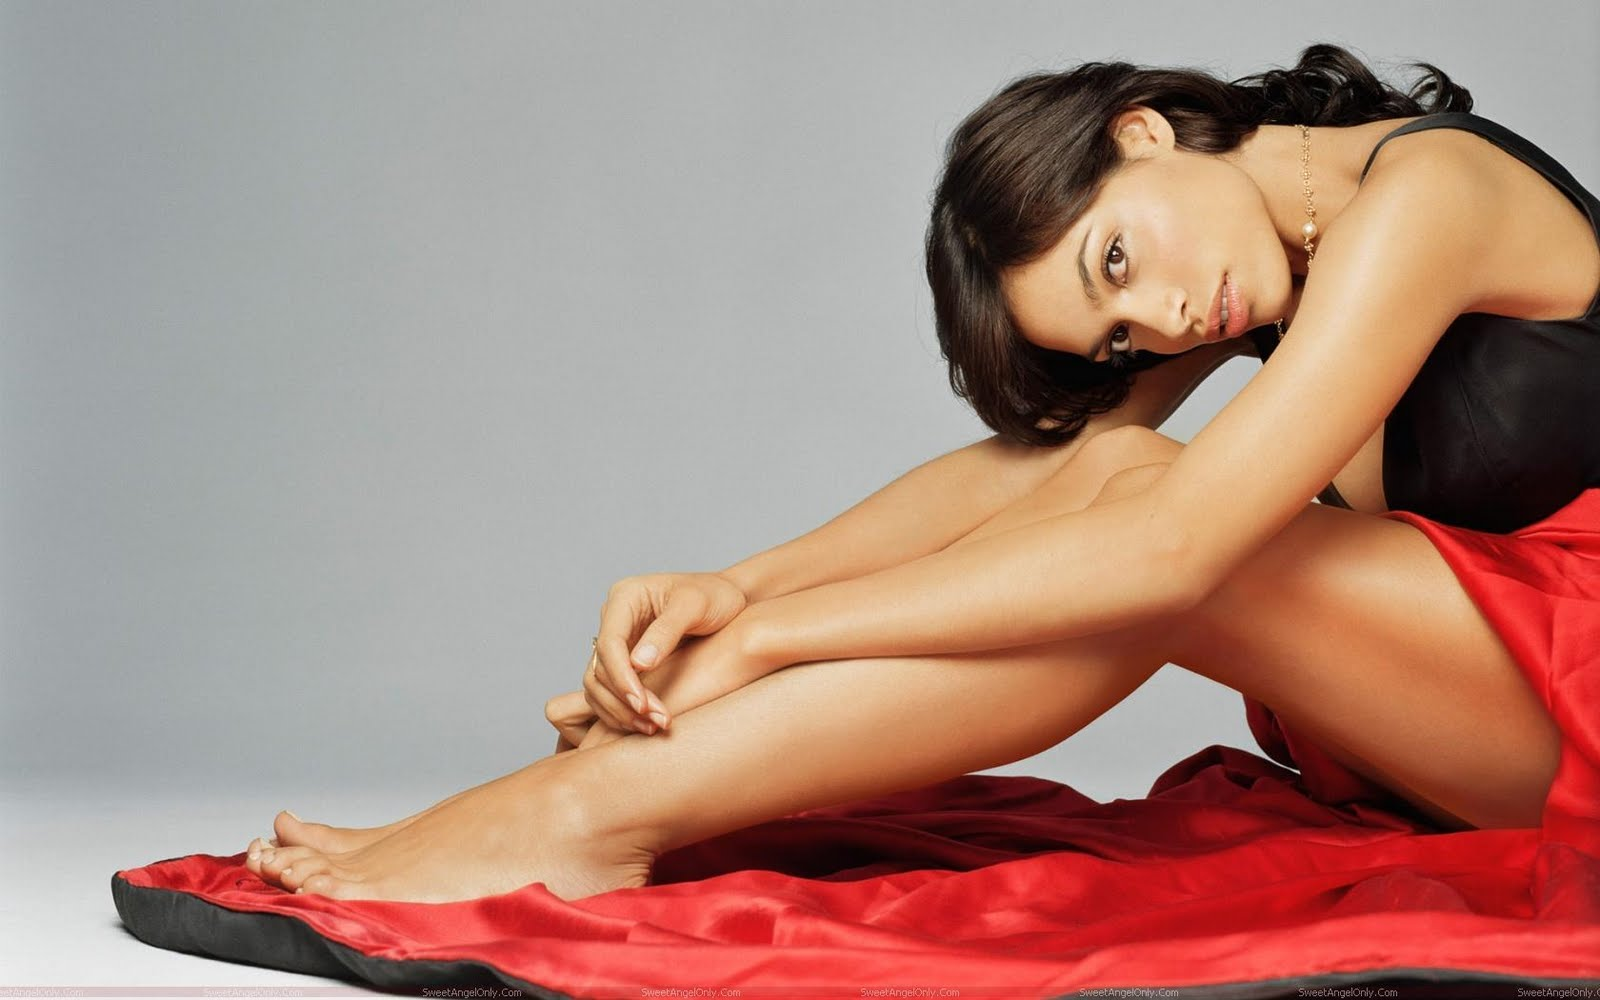 http://4.bp.blogspot.com/-ub8cCiqaTd8/TjPG75rHogI/AAAAAAAAIB4/UFFF2OxhtuA/s1600/rosario_dawson_hd_photo_shoot.jpg